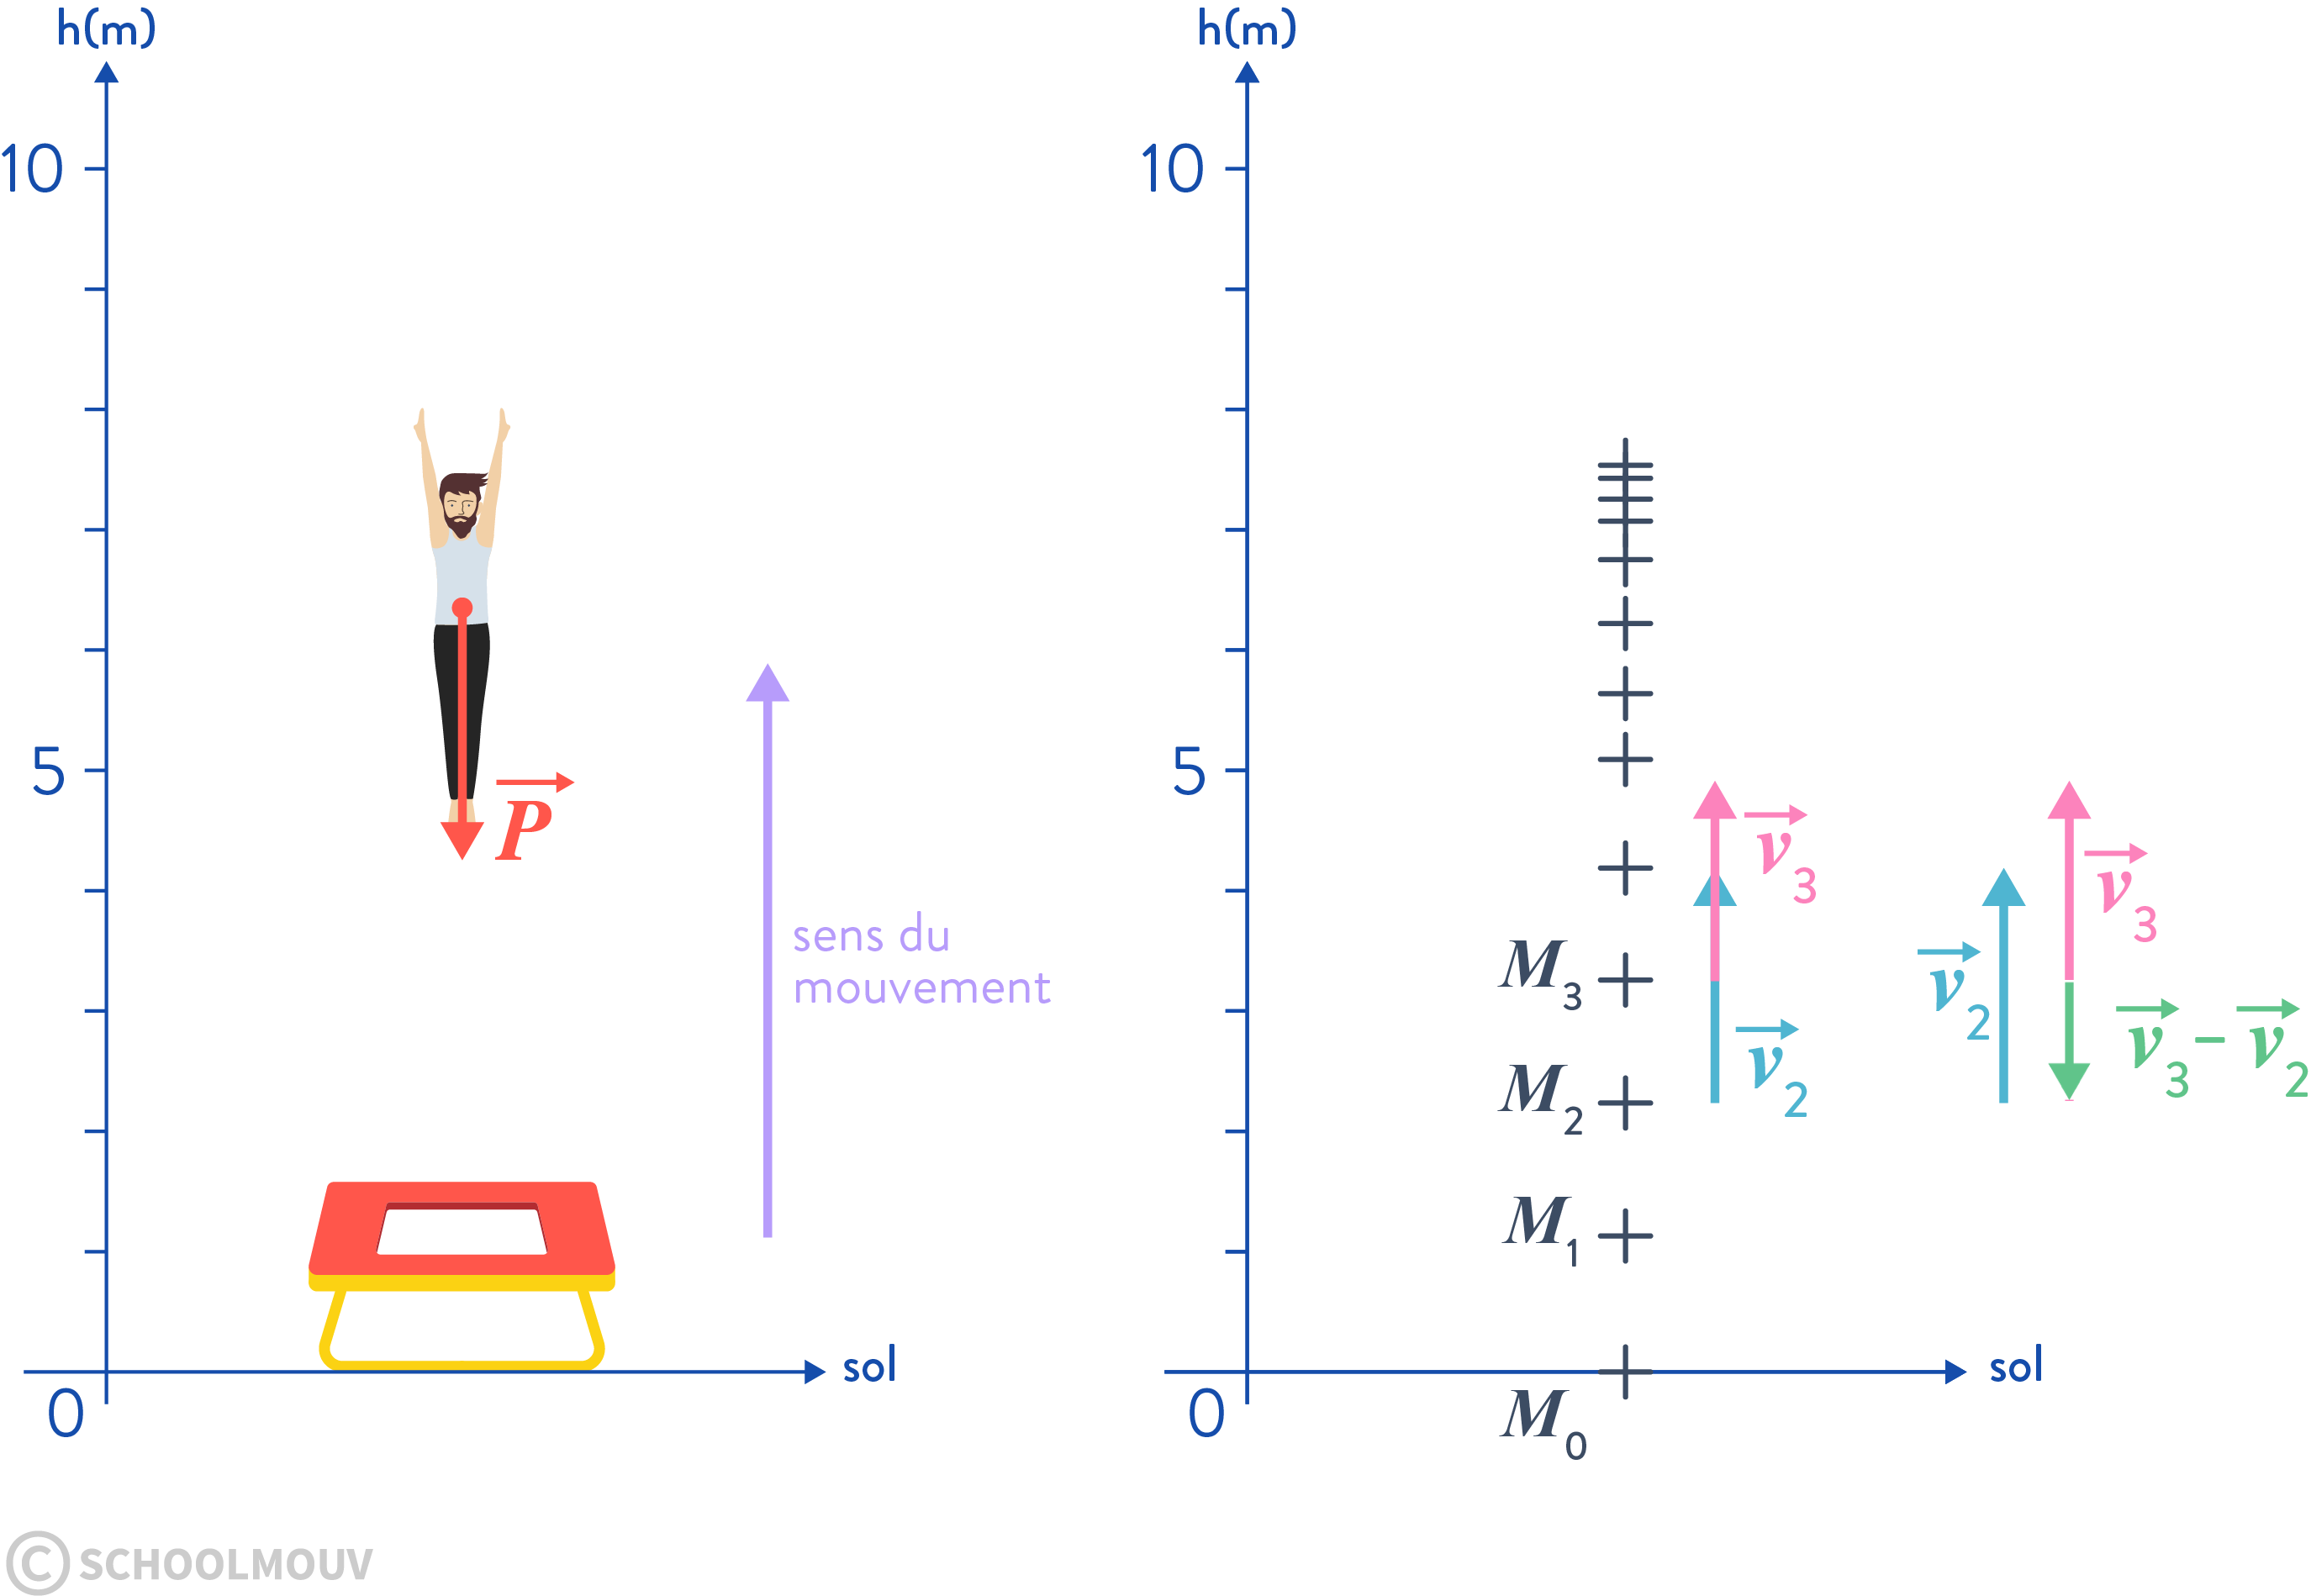 principe d'inertie variation du vecteur vitesse chute libre